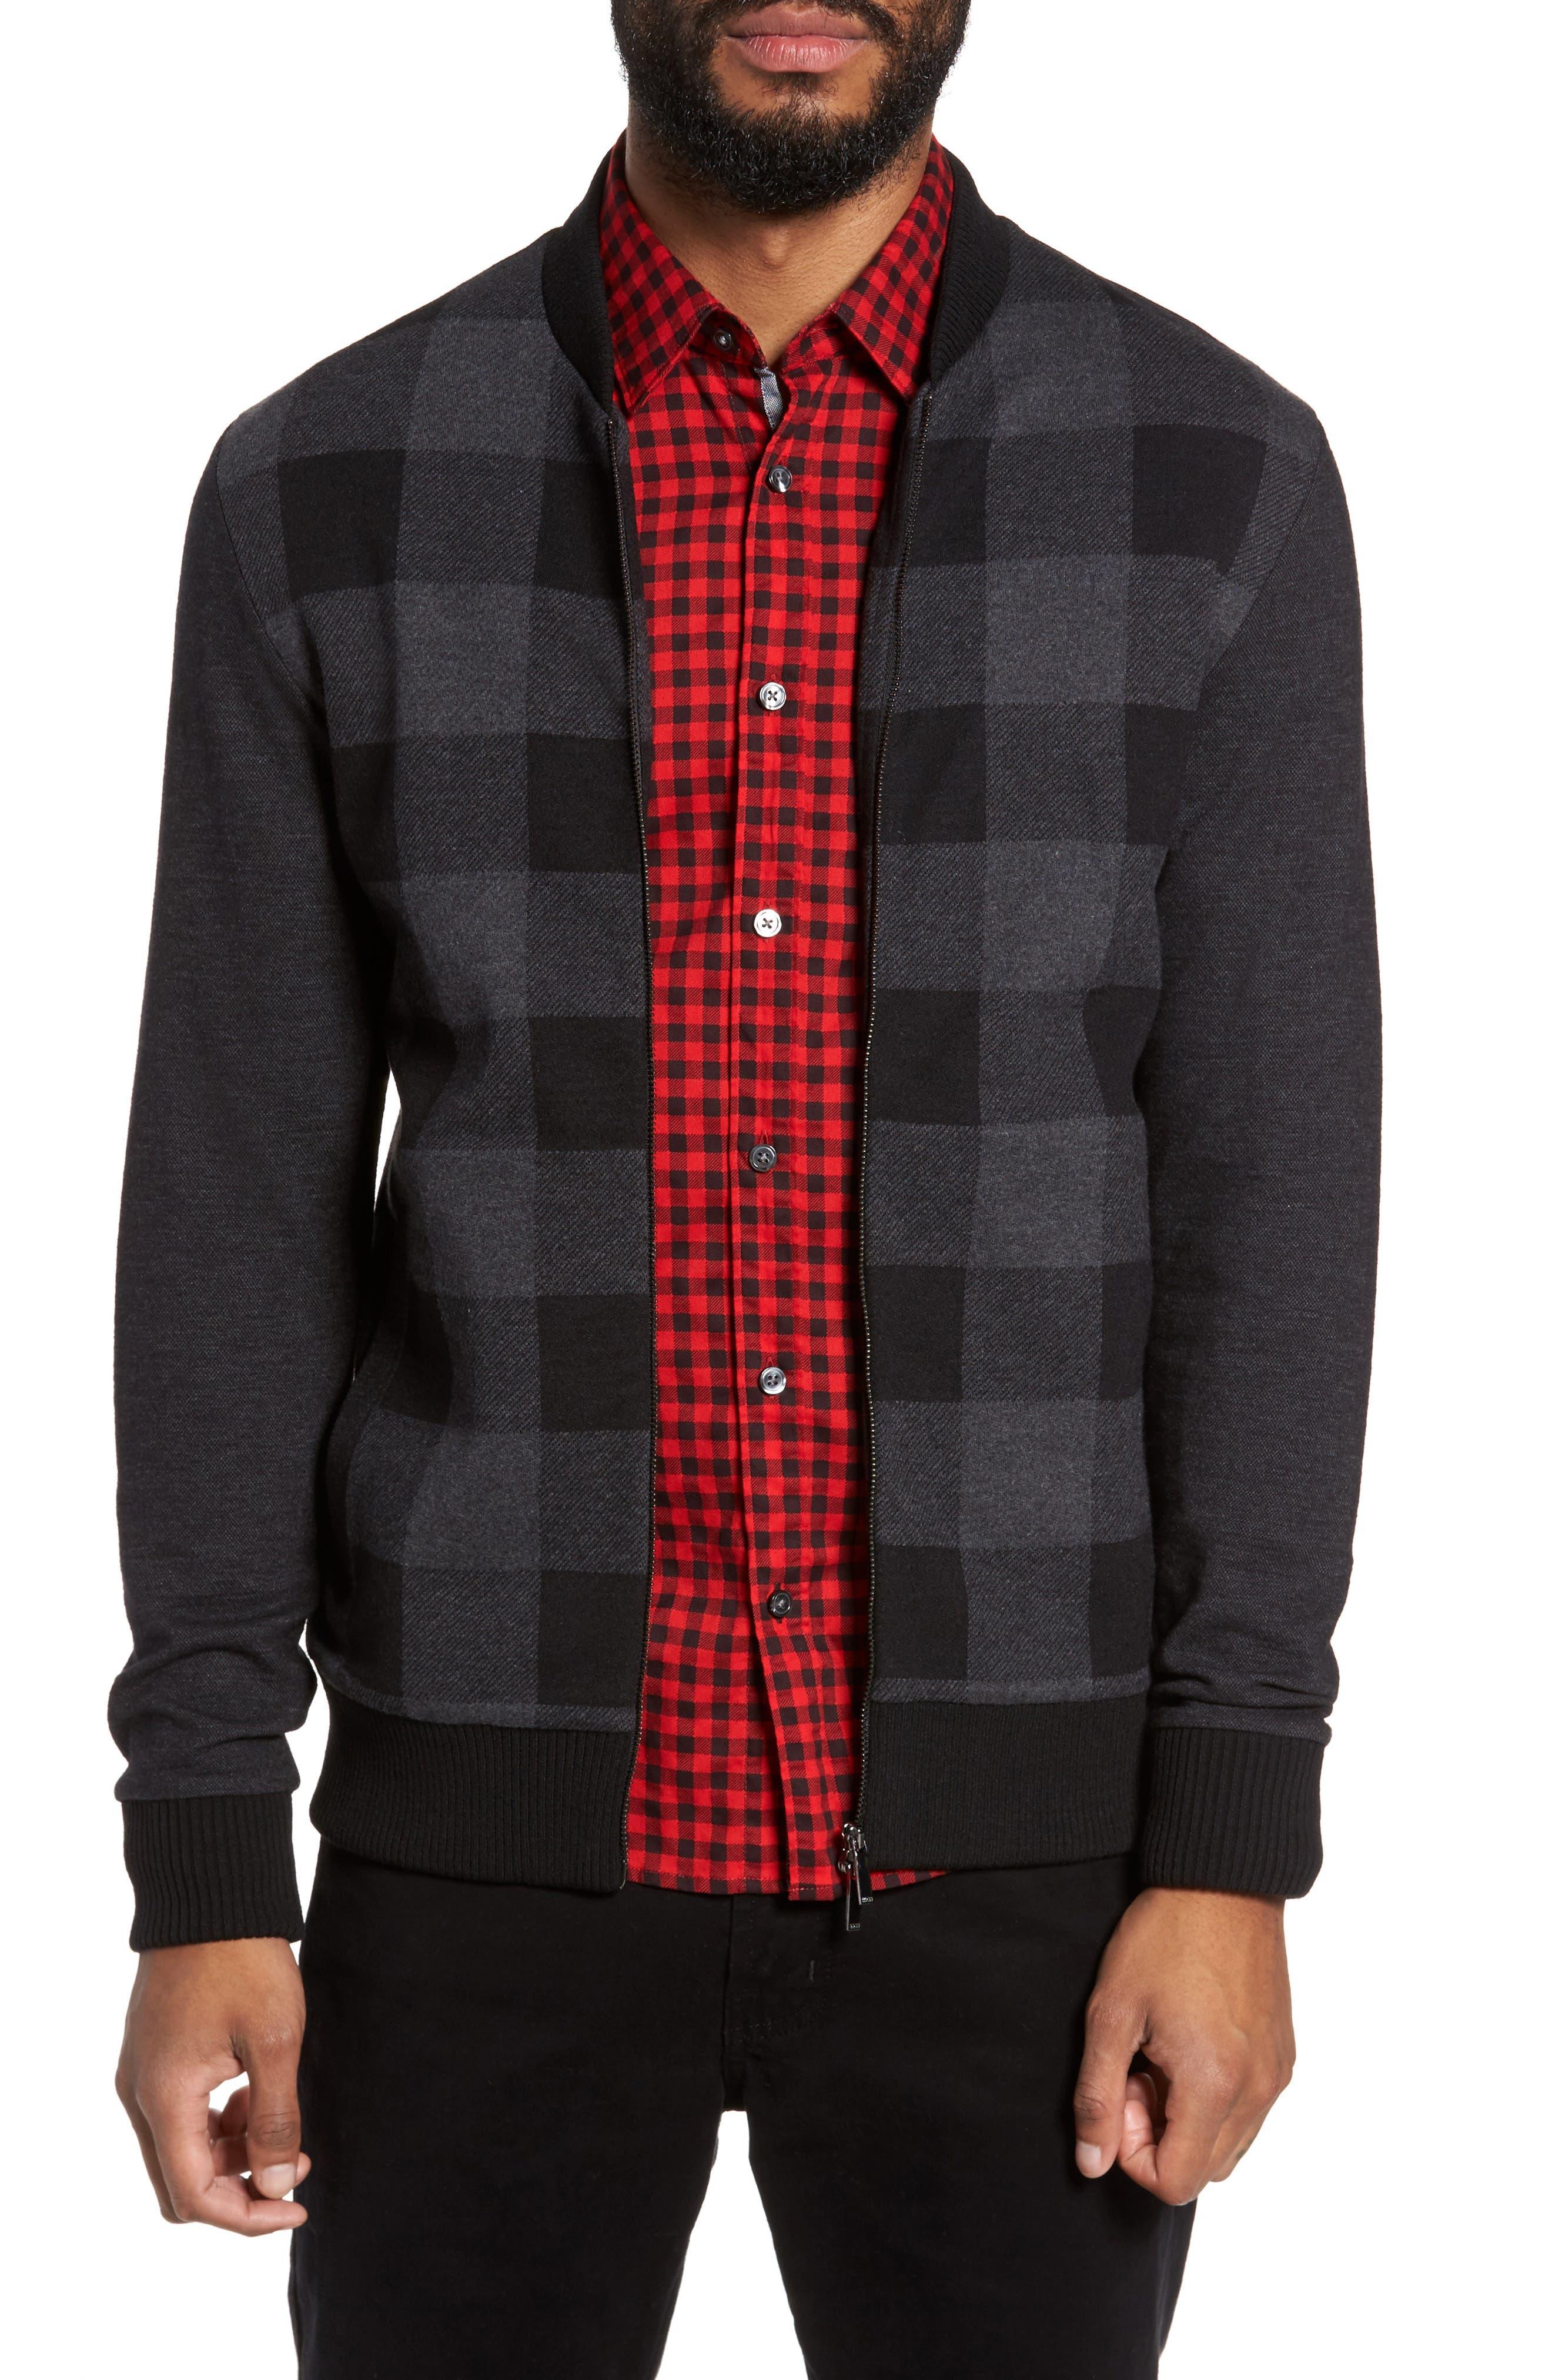 Salea Check Wool Blend Bomber Jacket,                         Main,                         color, Black